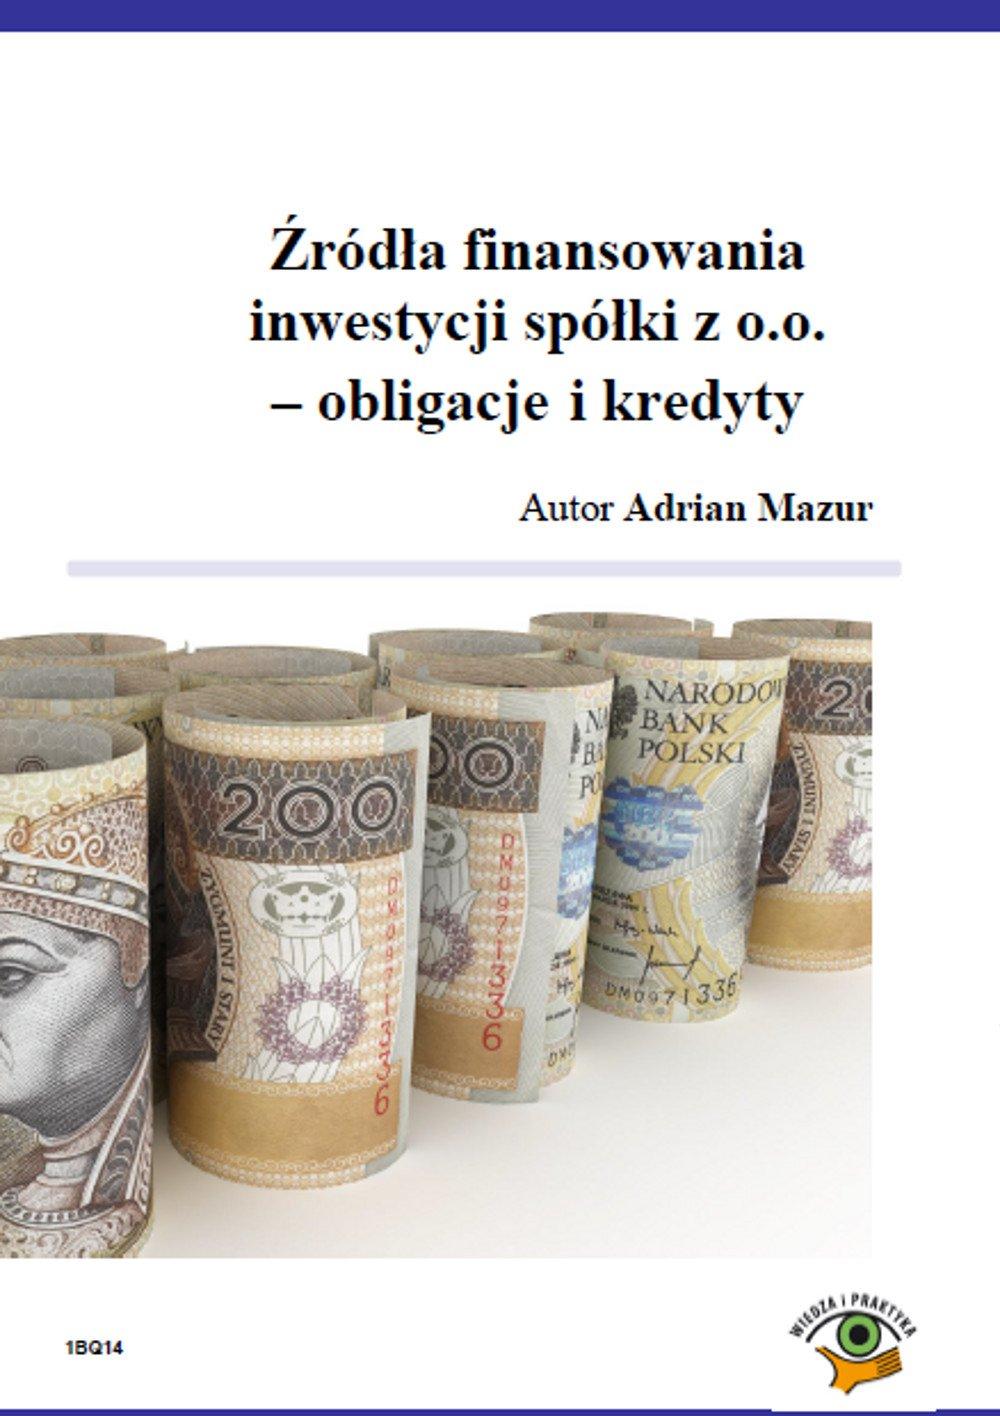 Źródła finansowania inwestycji spółki z o.o. - obligacje i kredyty - Ebook (Książka PDF) do pobrania w formacie PDF